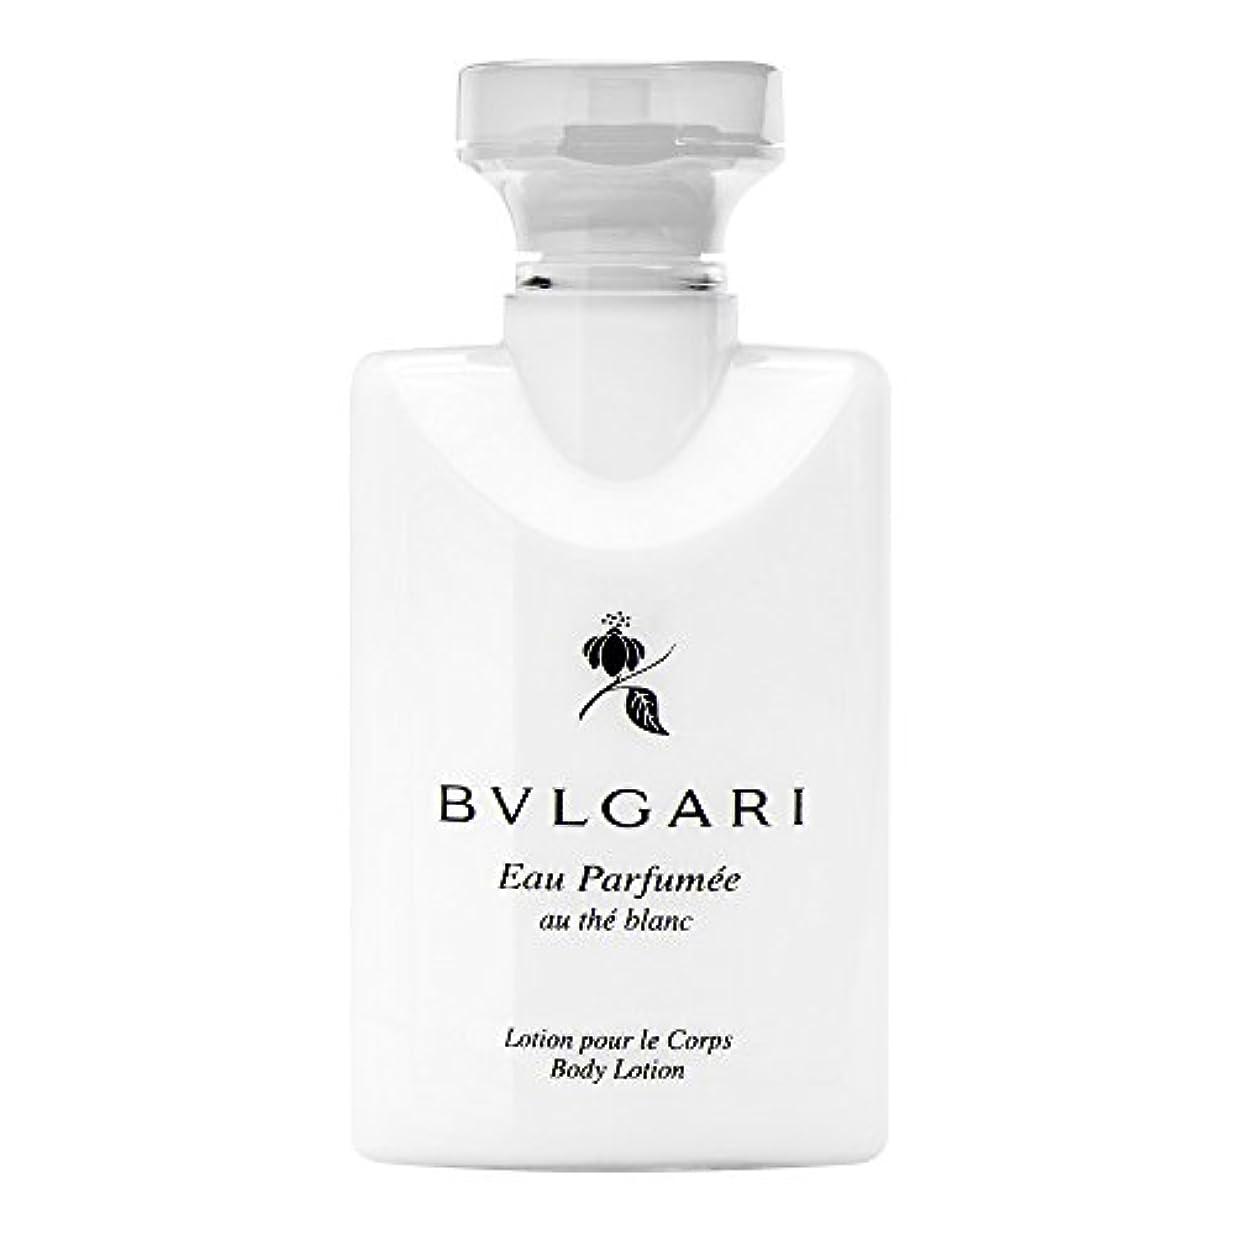 デュアル会話戦略Bvlgari Eau Parfumee Au The Blanc (ブルガリ オー パフュ-メ オウ ブラン) 2.5 oz (75ml) Body Lotion ボディーローション